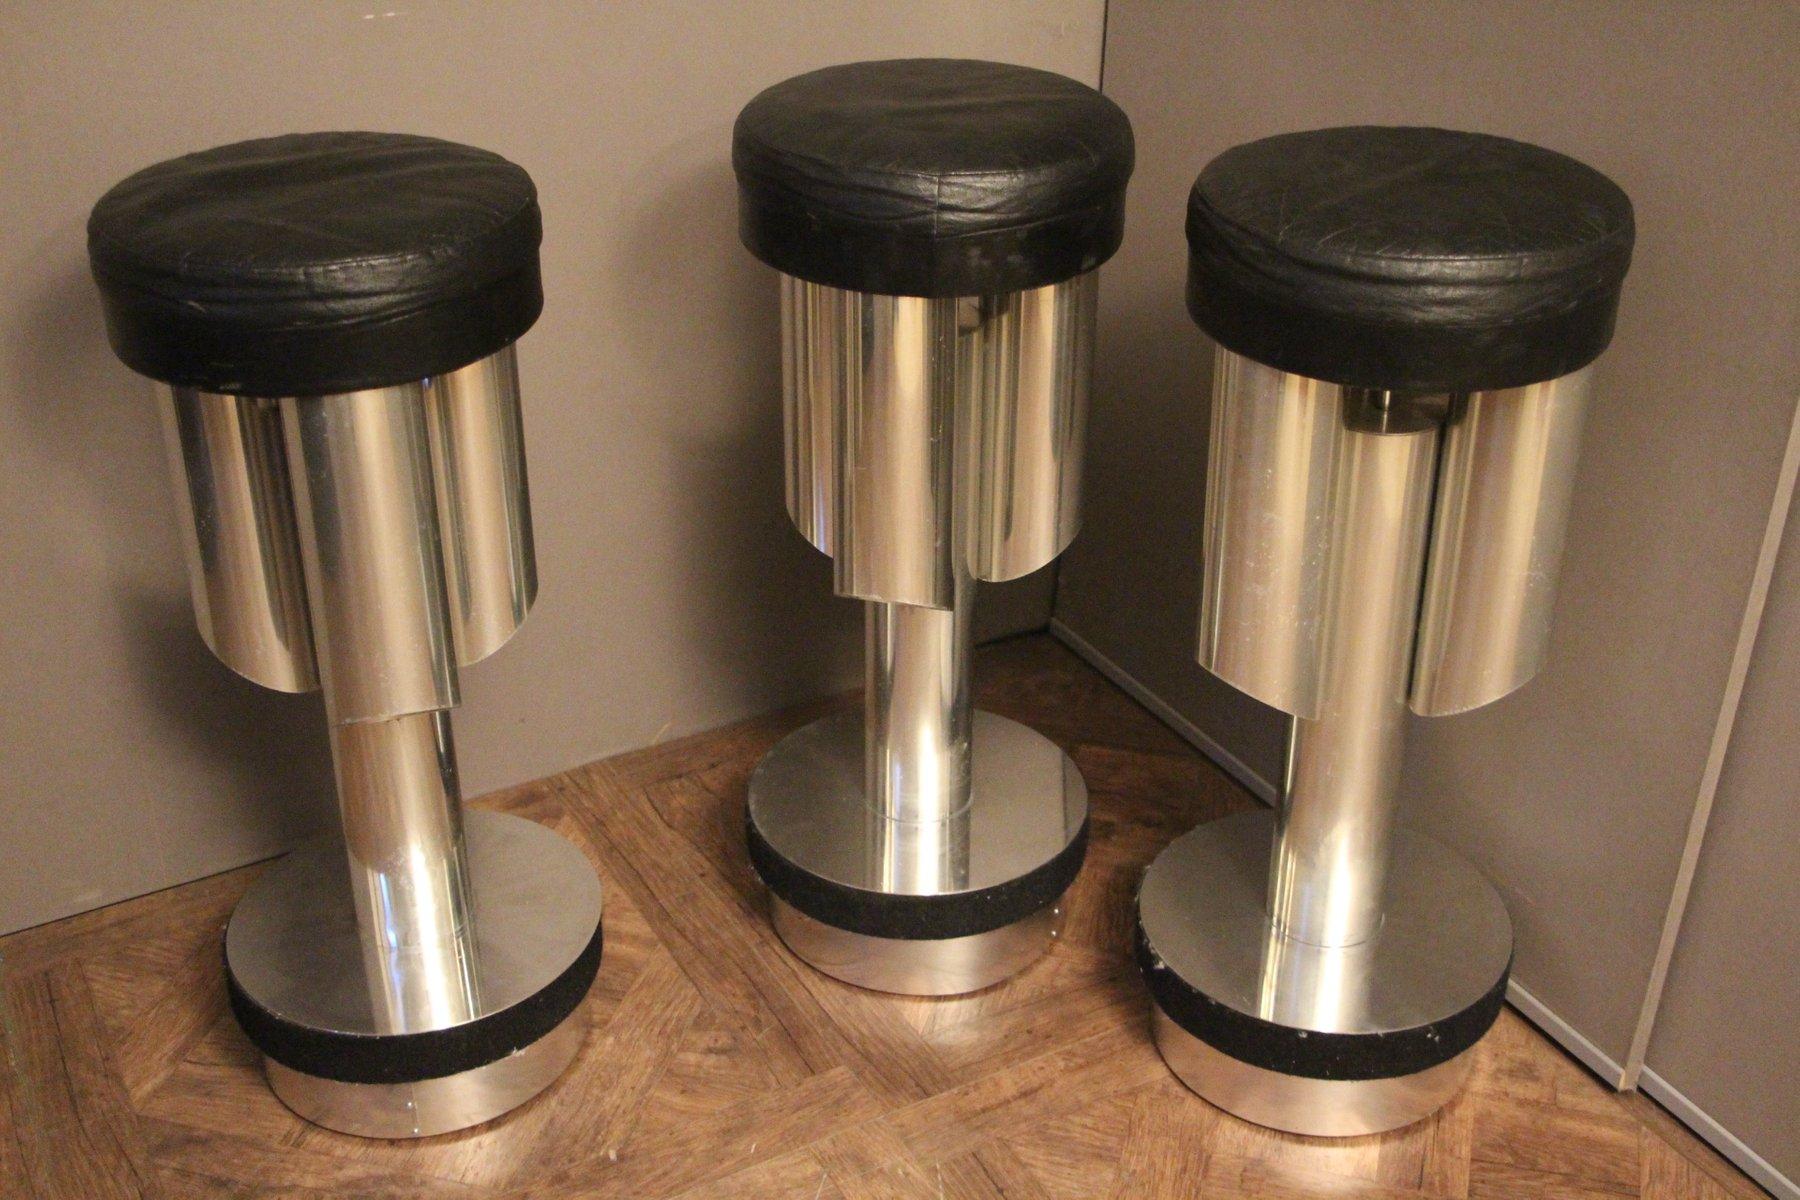 Sgabelli bar mid century in alluminio spazzolato ed acciaio italia